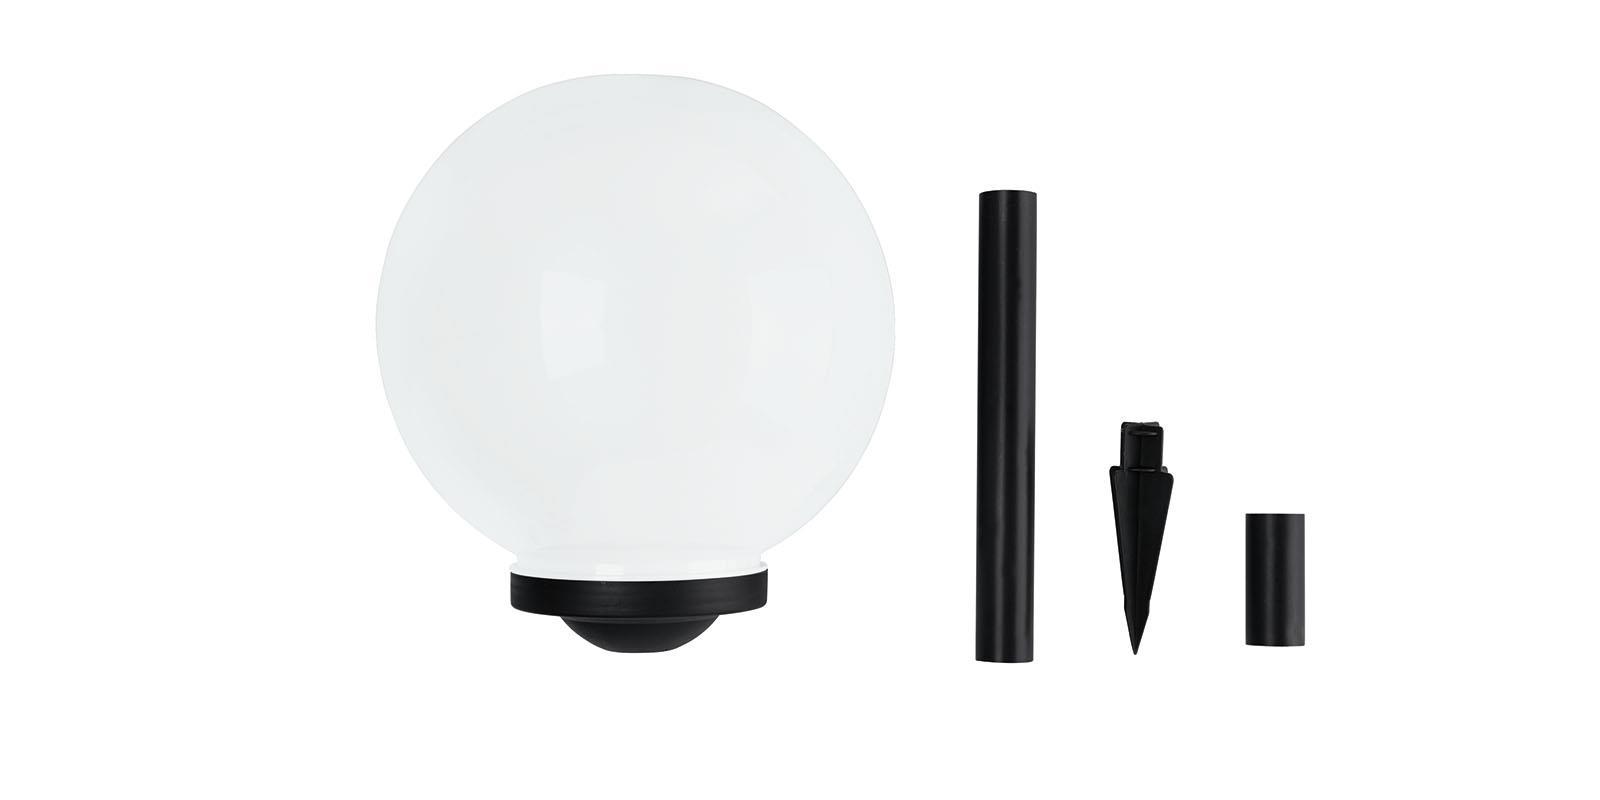 garten kugelleuchte led solar lichtkugel farbwechsel 25cm ebay. Black Bedroom Furniture Sets. Home Design Ideas